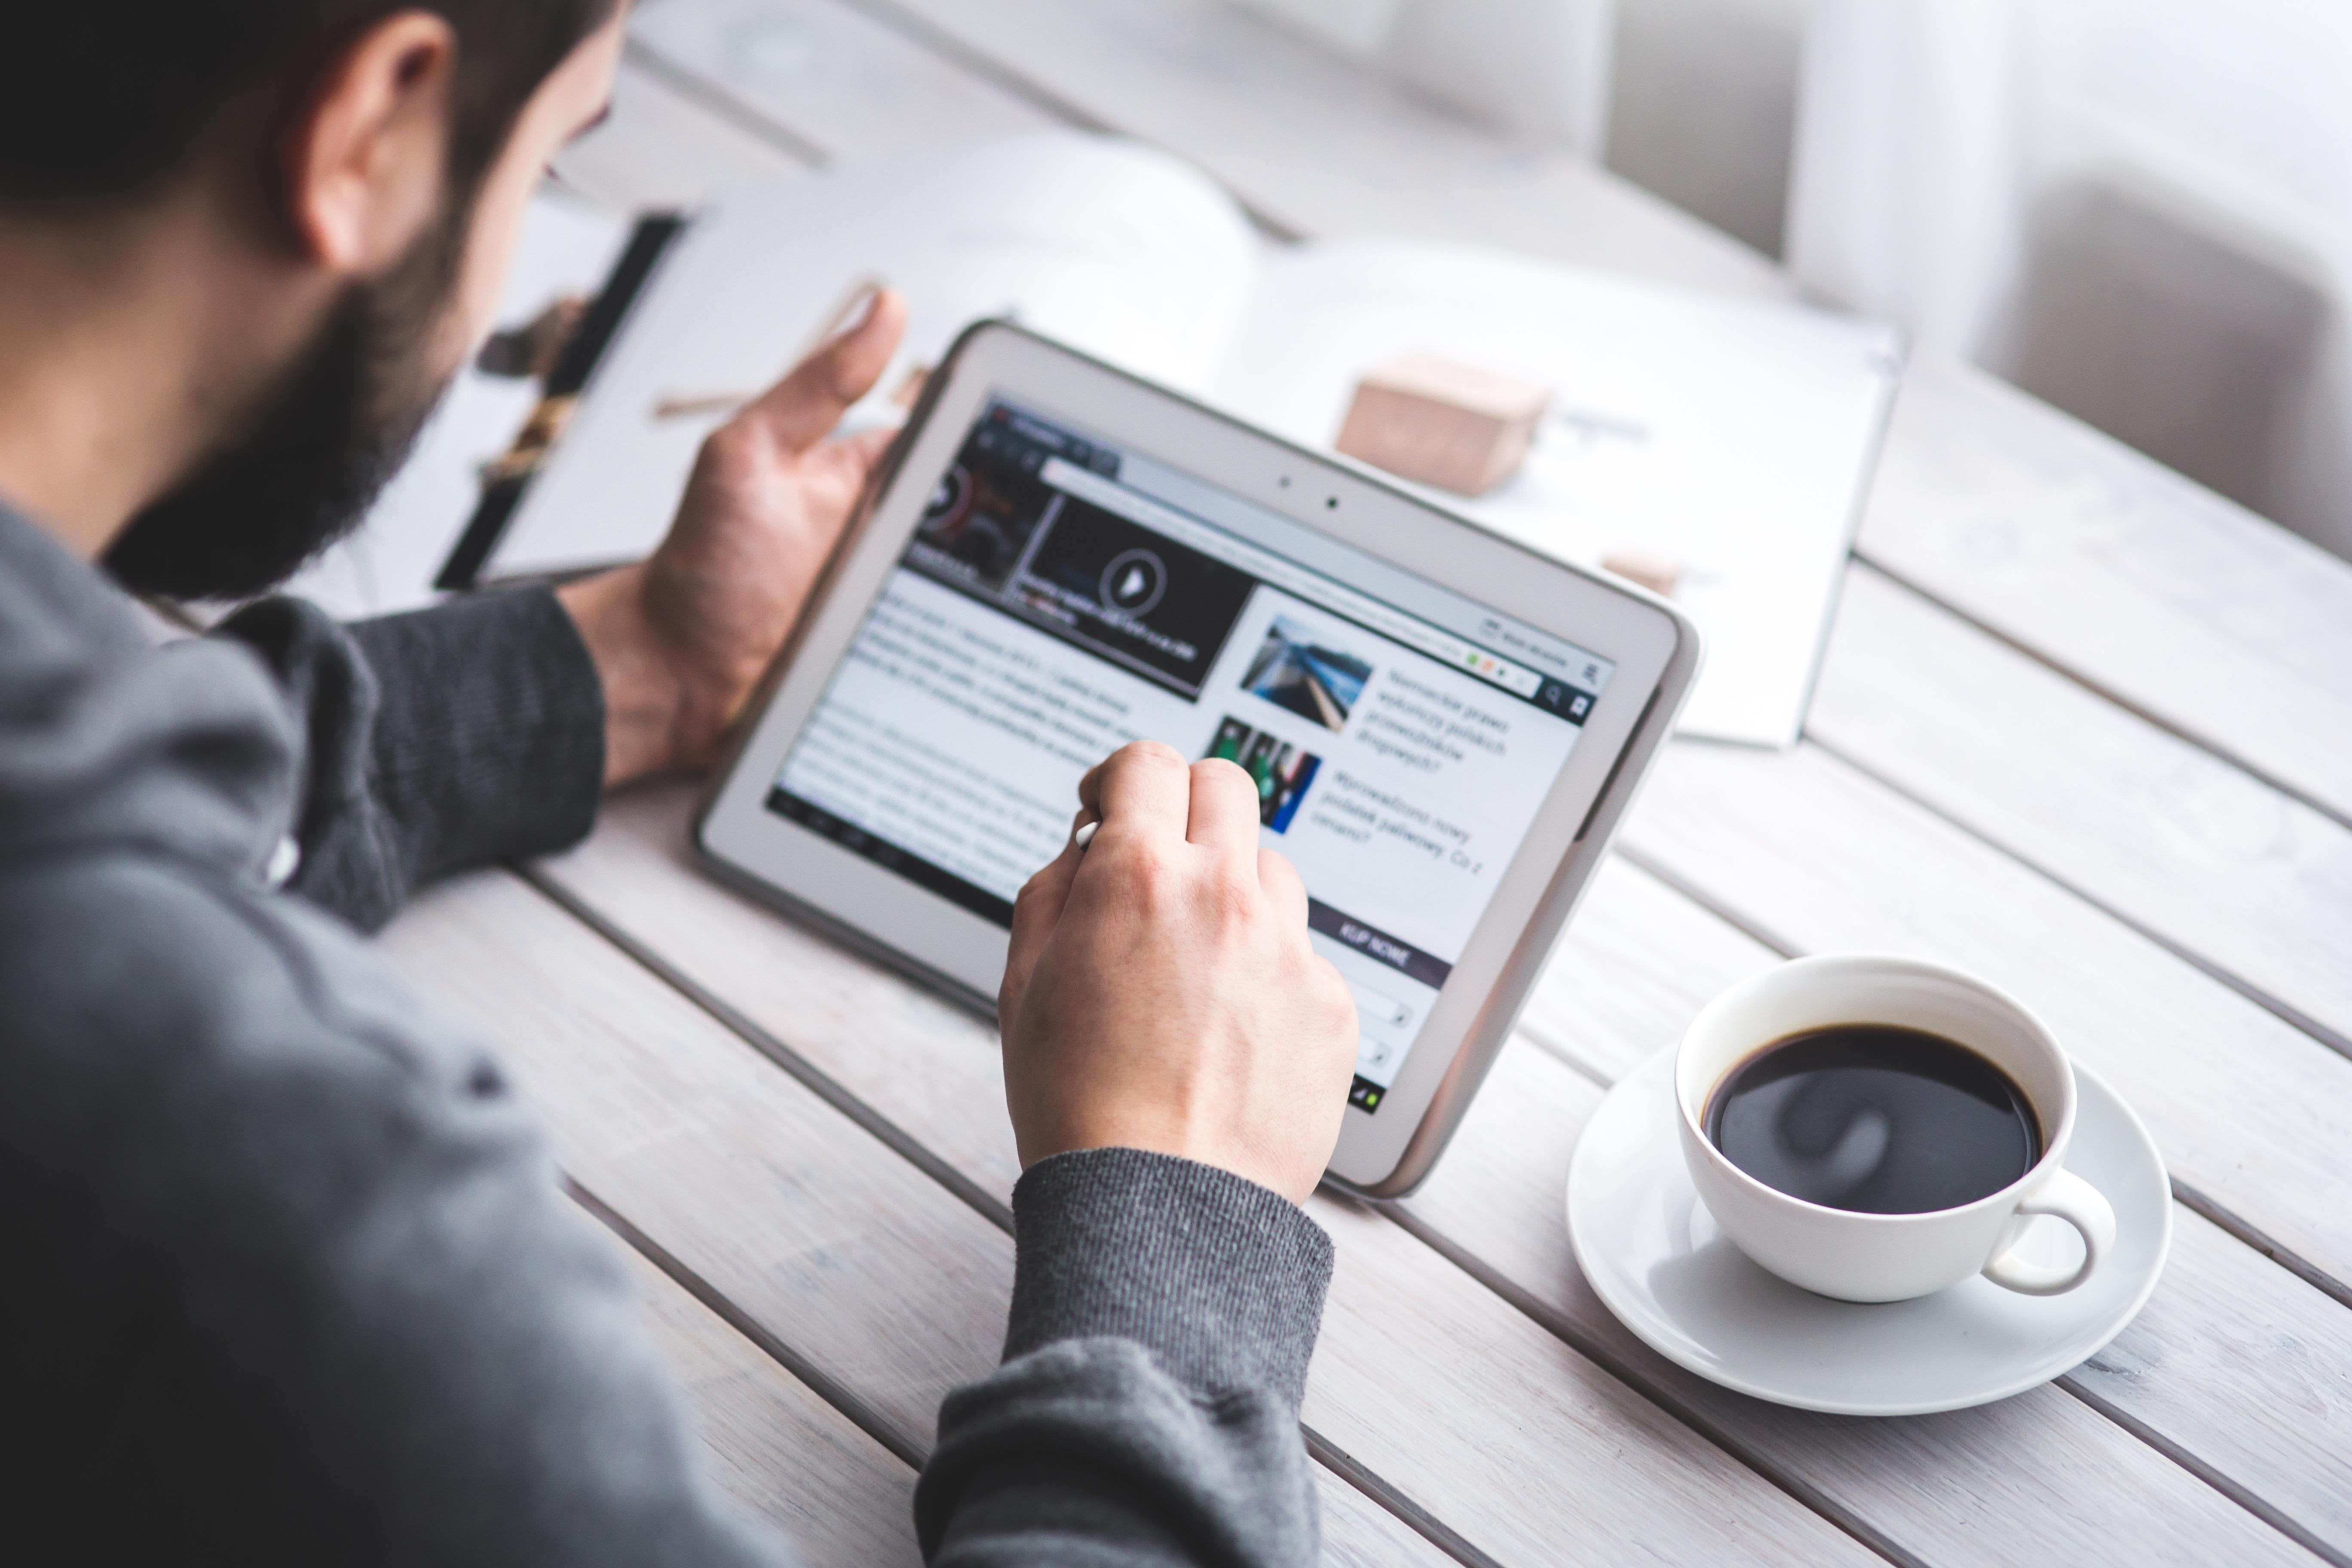 Inspirerande och nyttig läsning för dig som är intresserad av molnbaserade affärssystem för större företag. Bild: Kaboompics / Freepik